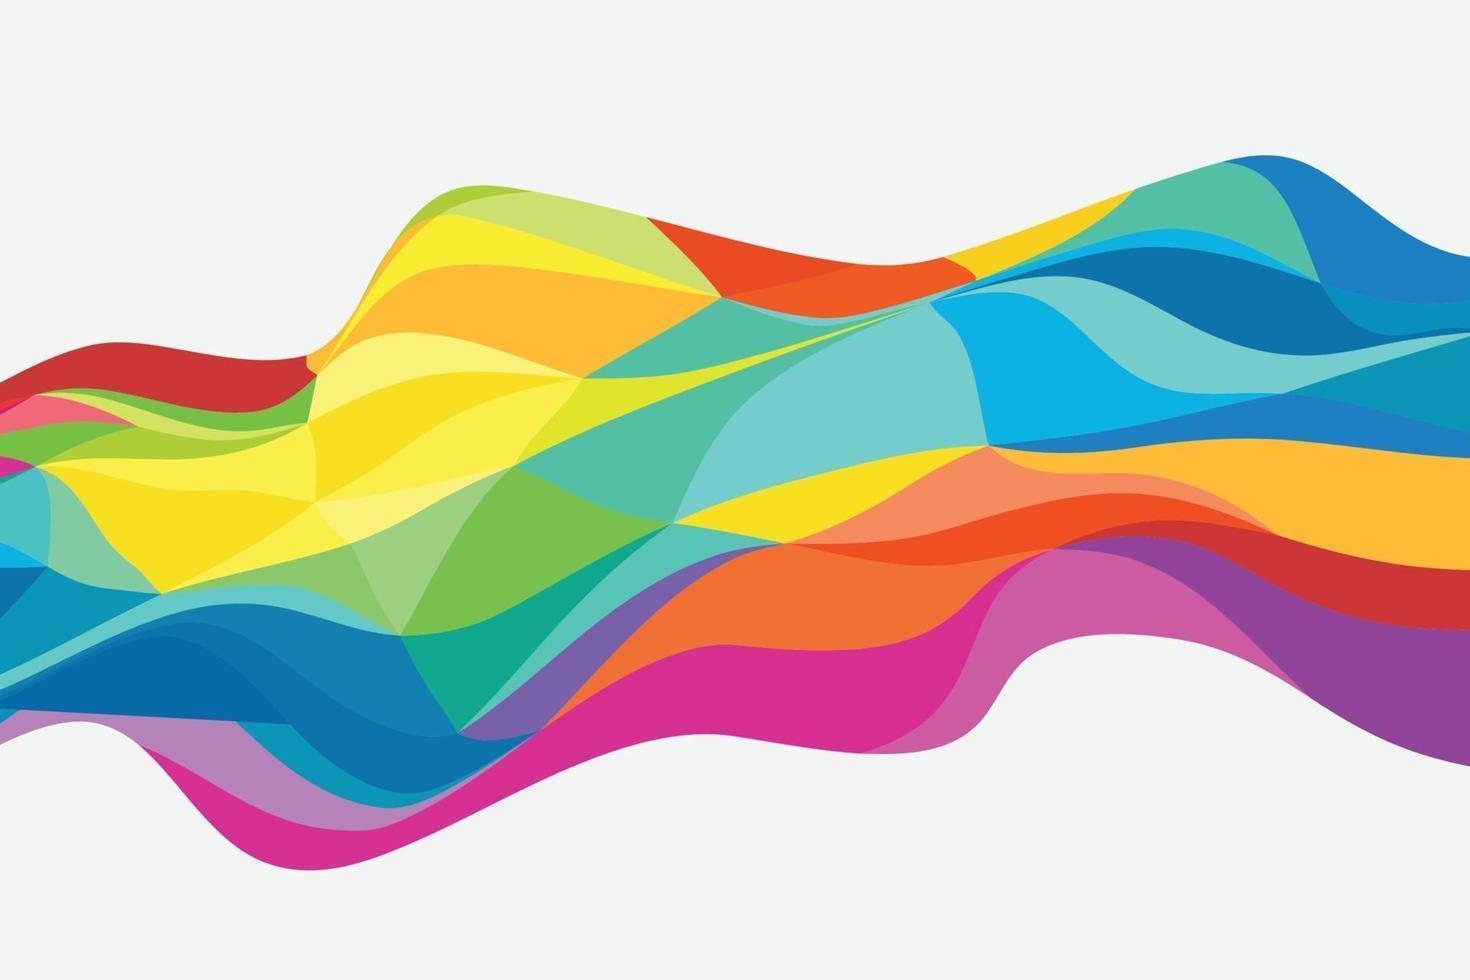 abstracte kleur veelhoek ontwerp patroon kunstwerk achtergrond. illustratie vector eps10